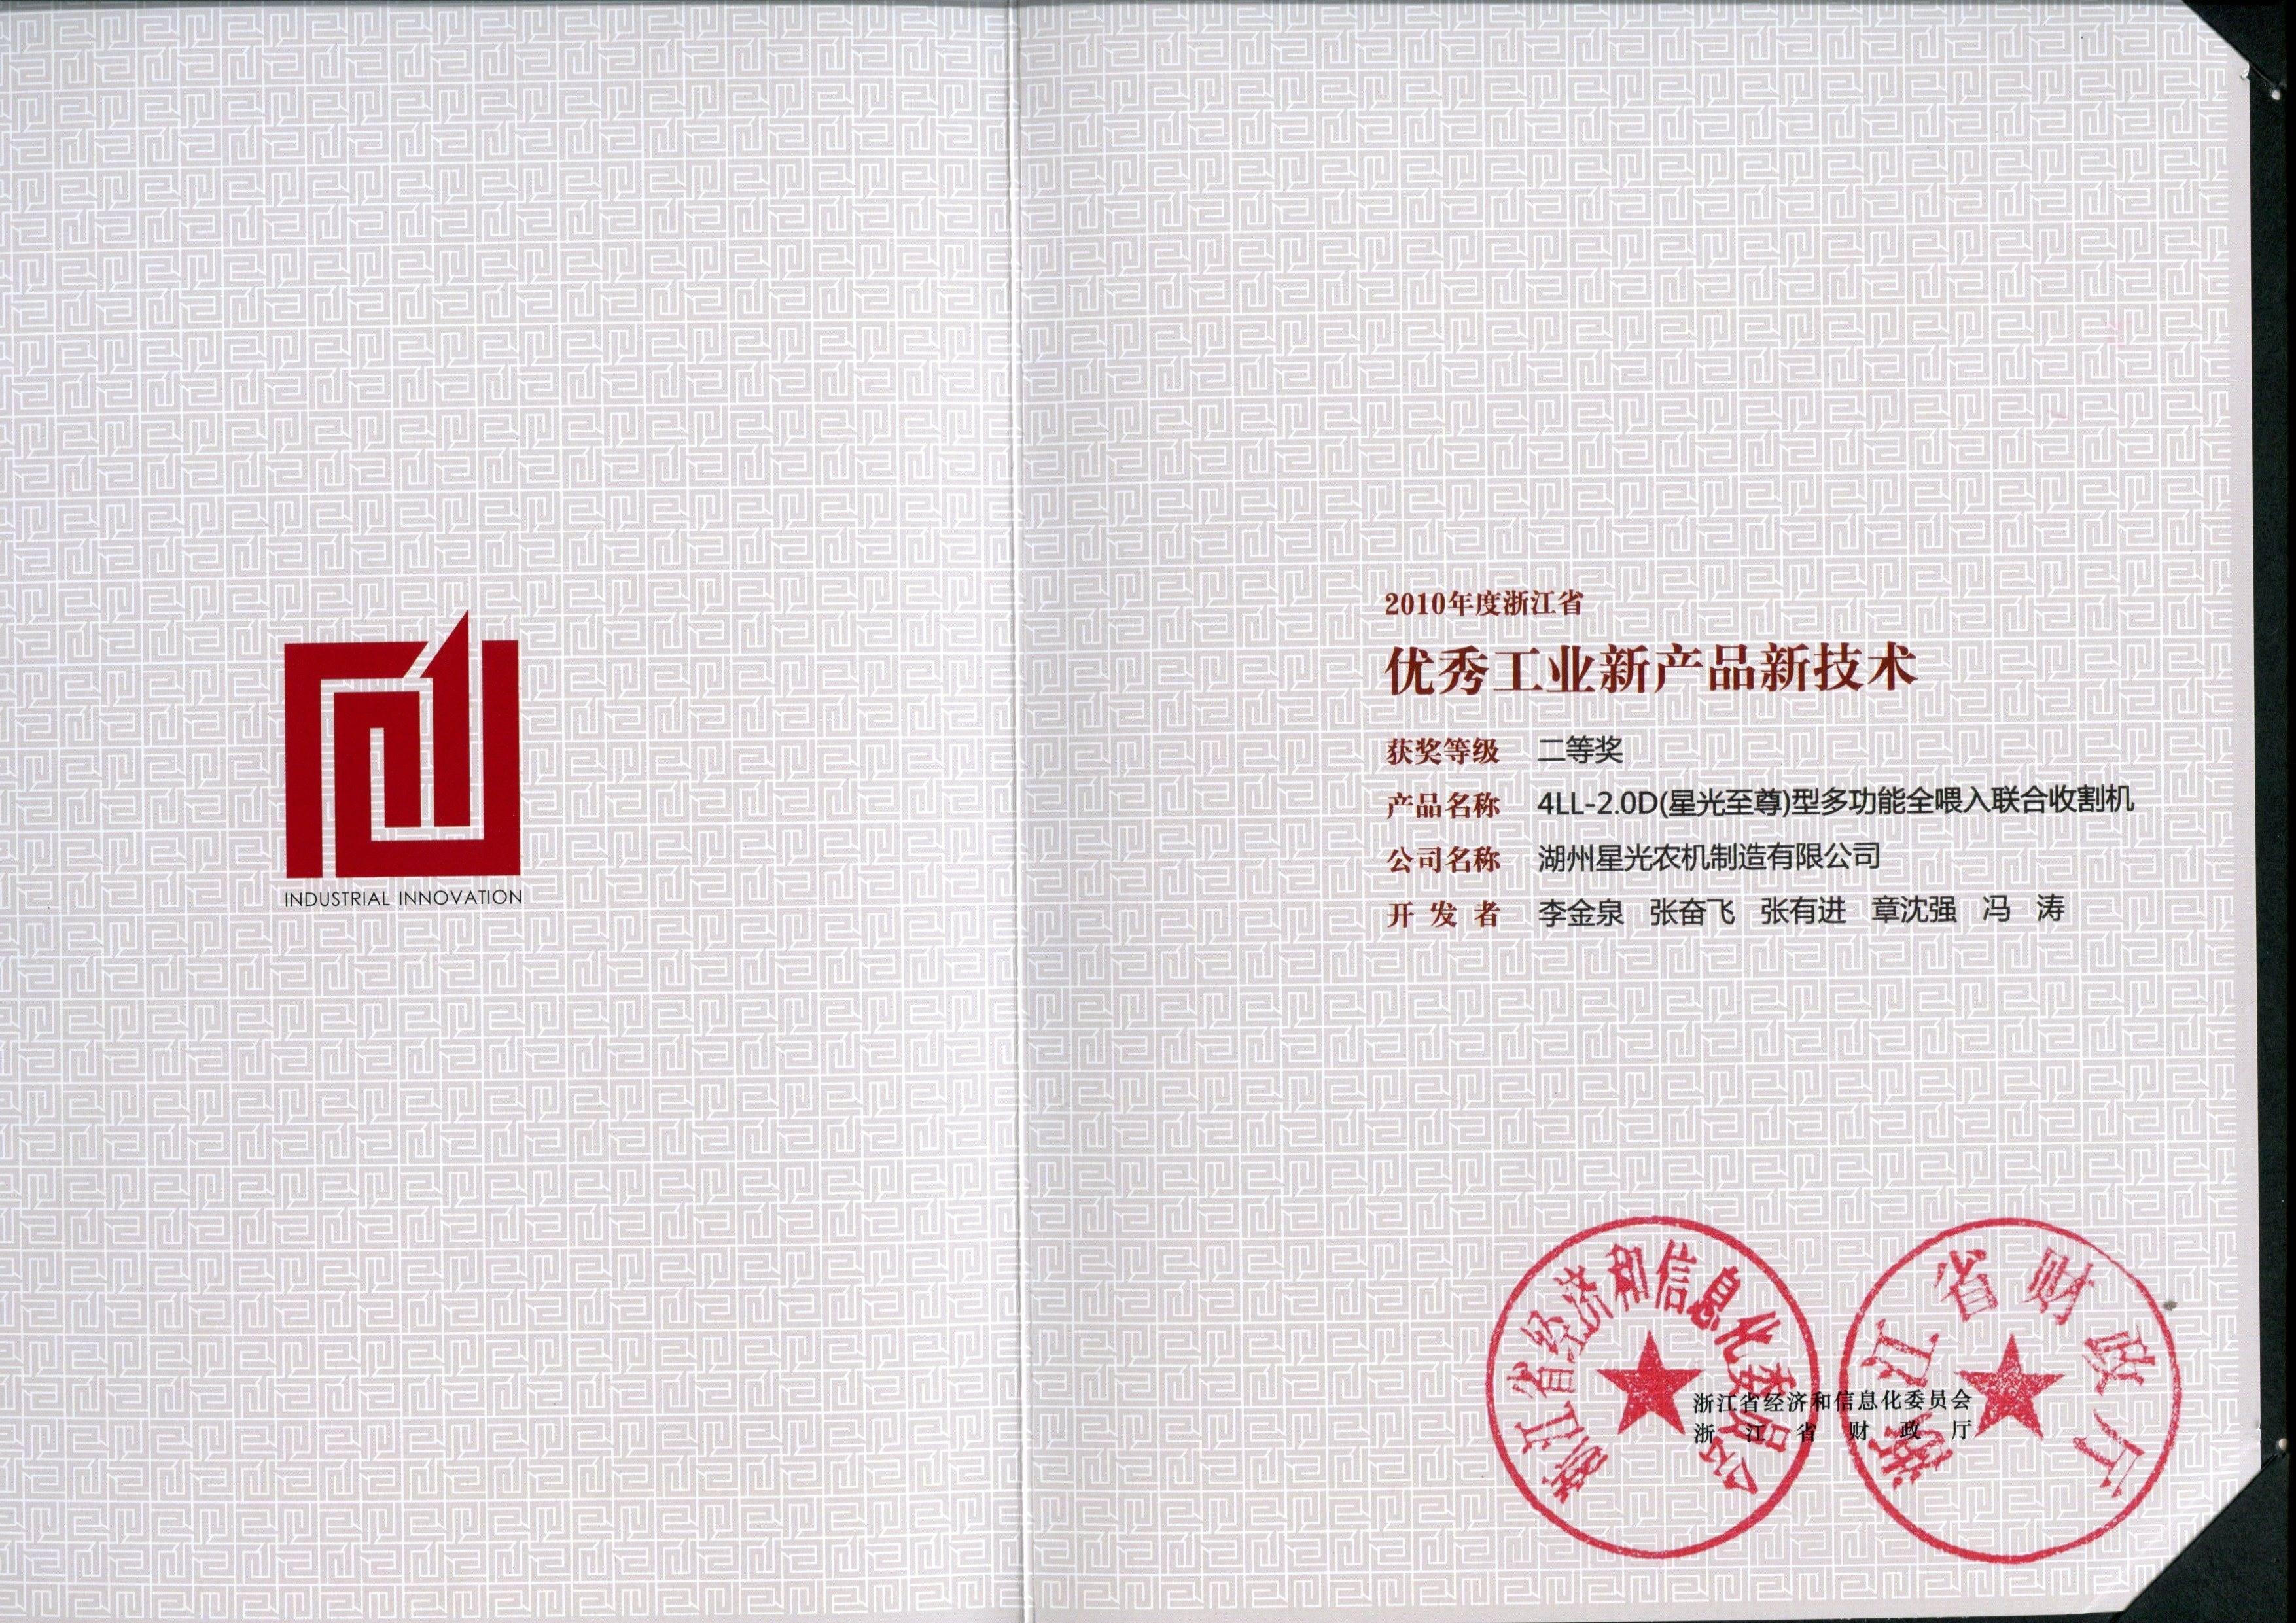 2010年省工業優秀新產品證書